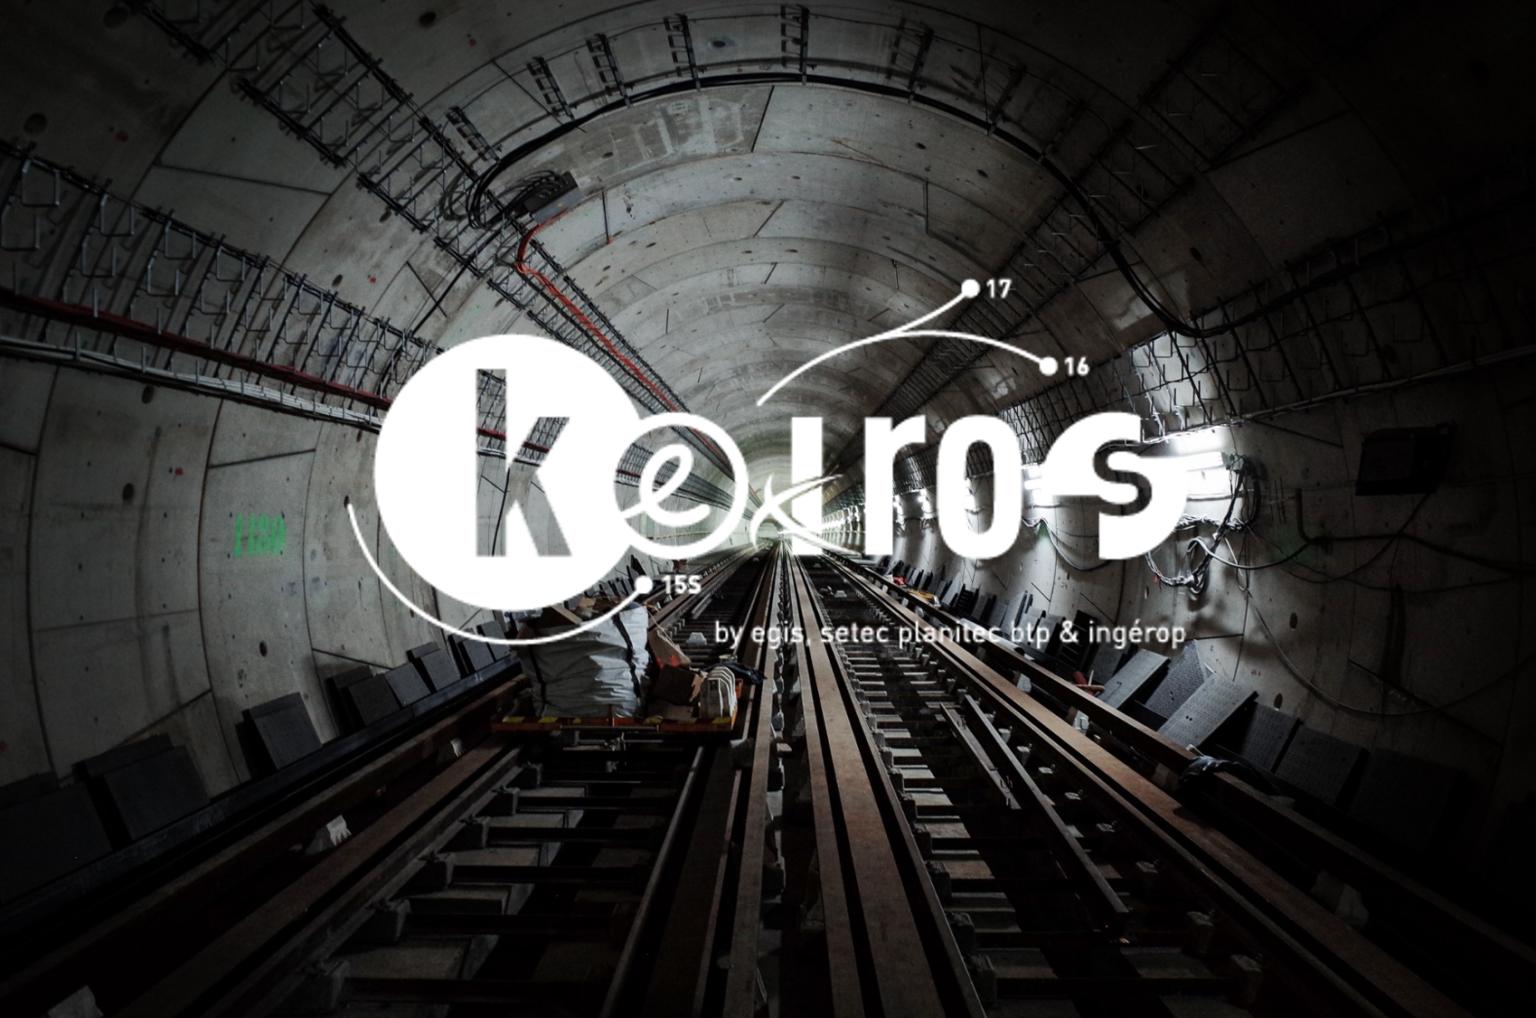 KEIROS